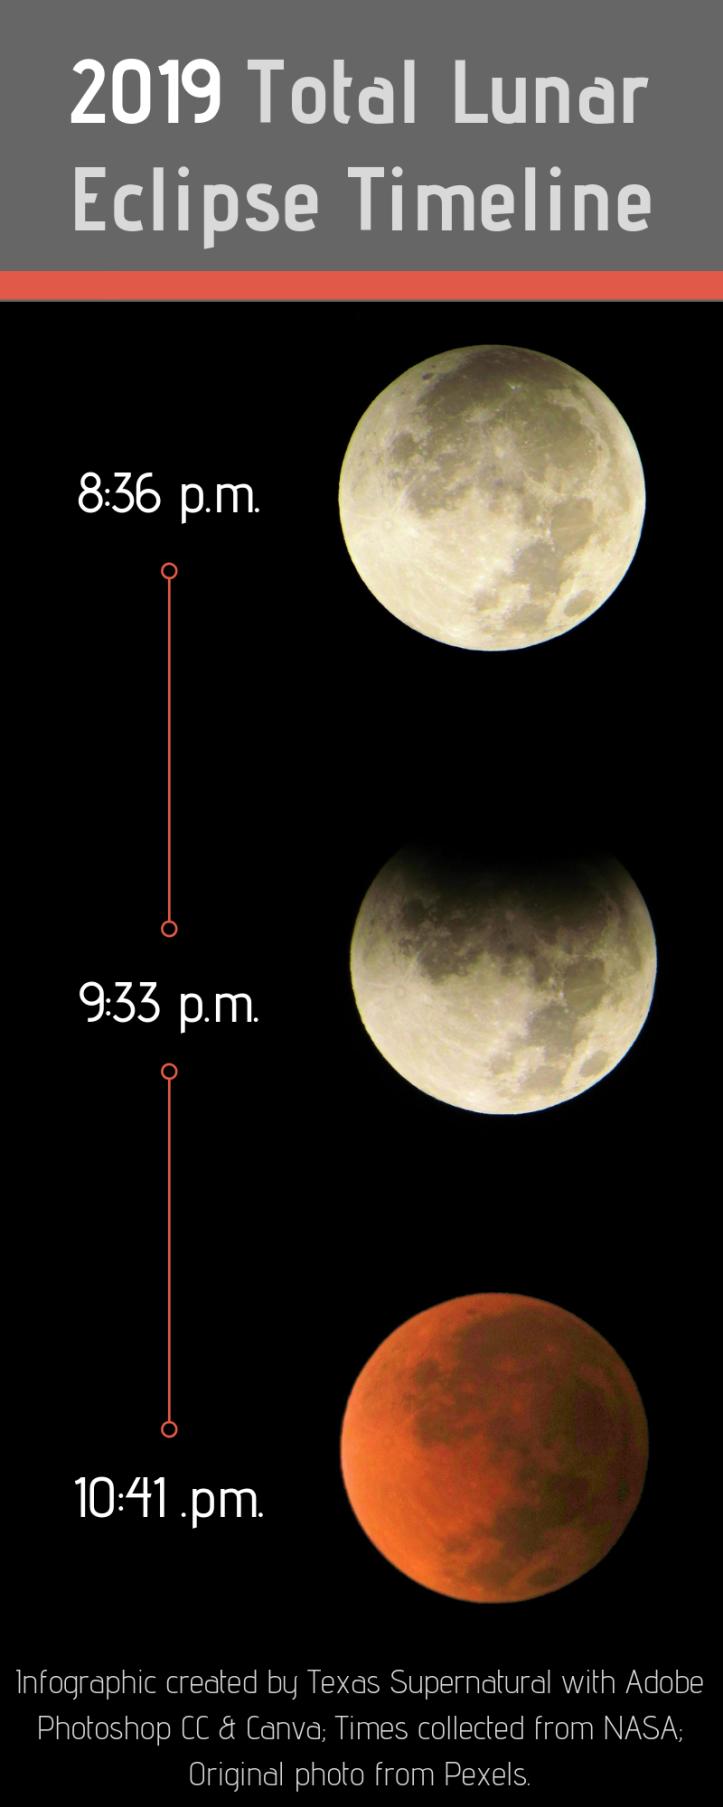 2019 total lunar eclipse timeline